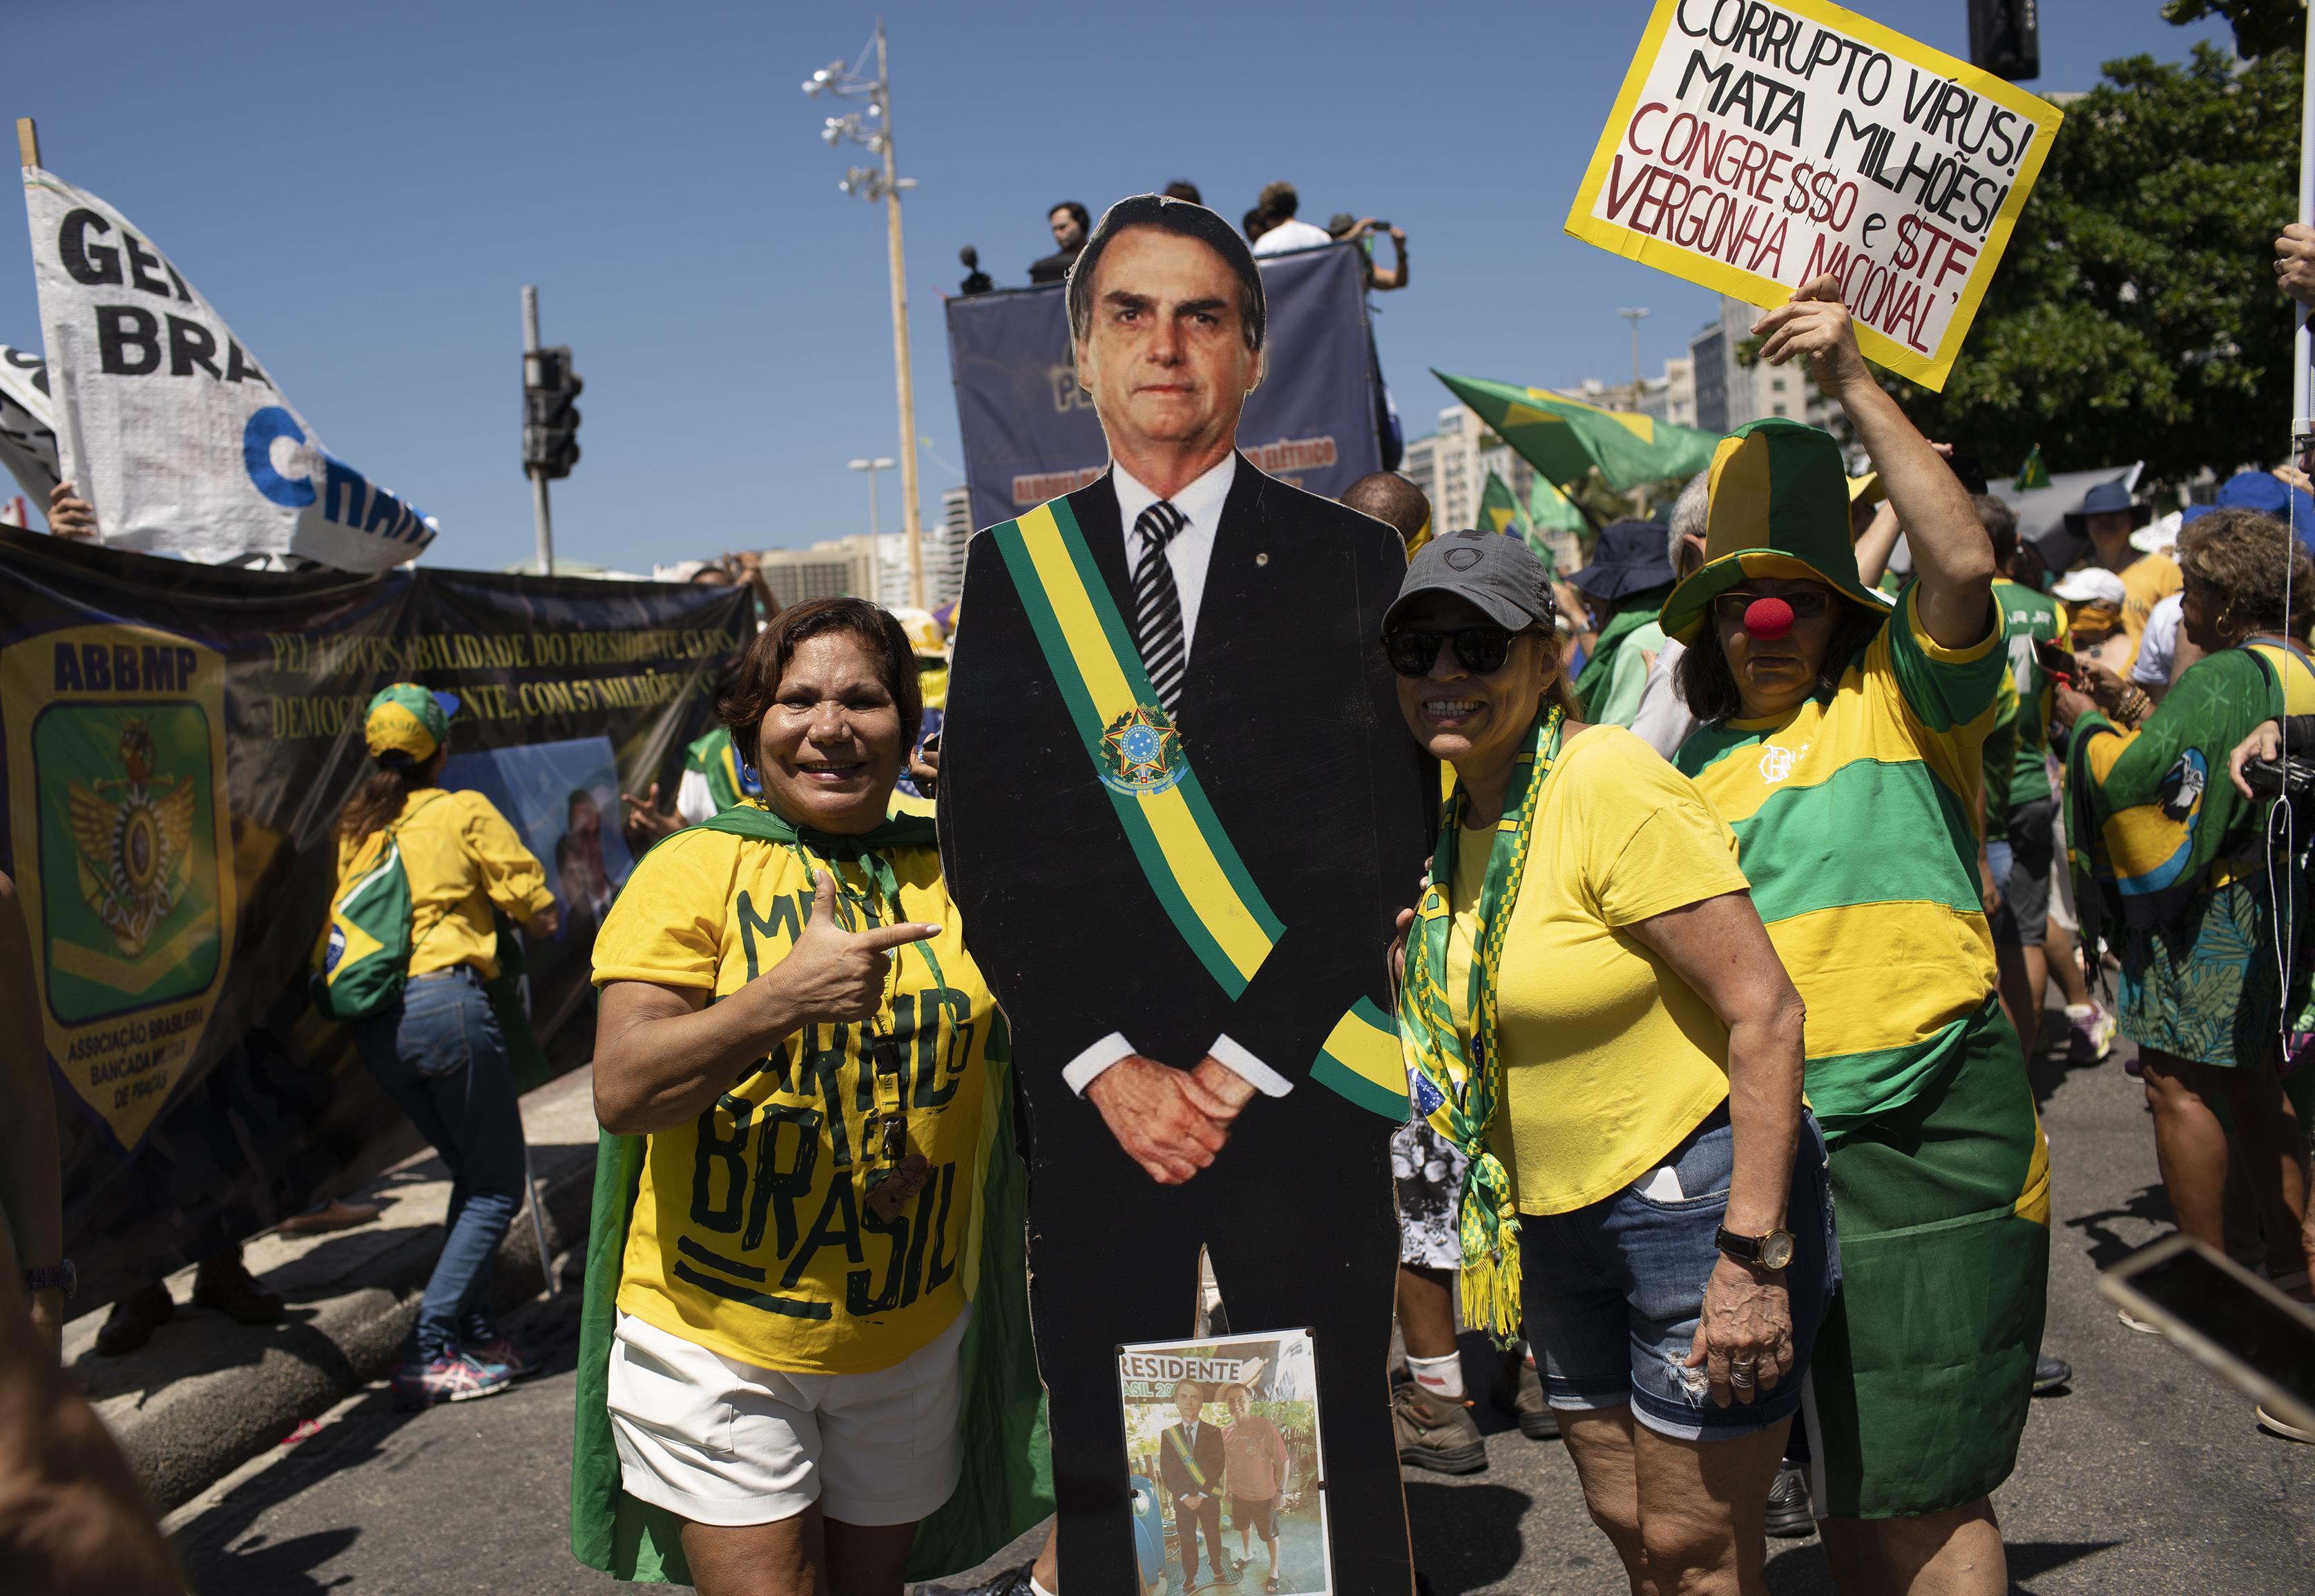 Brazília elnöke a járvány egyik legnagyobb szégyene